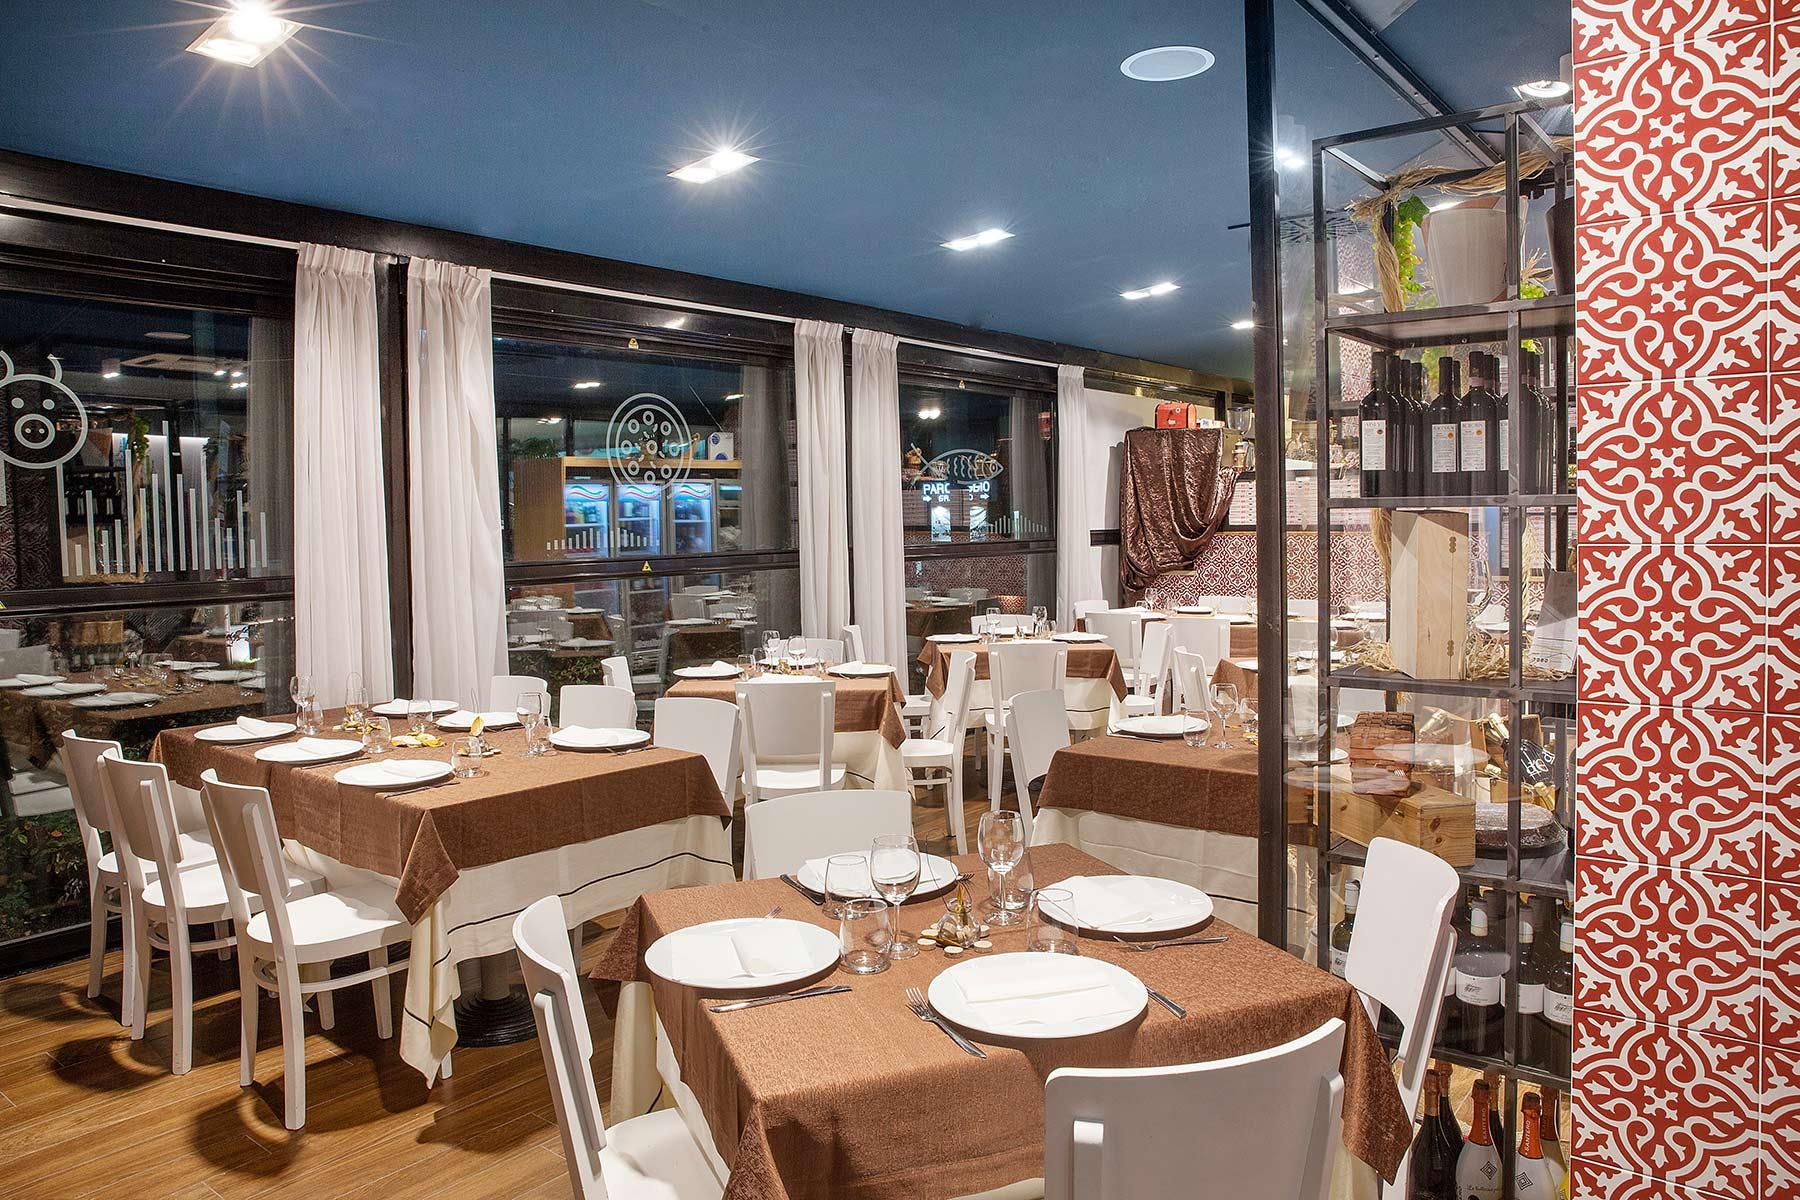 NaMì in Cucina: Ristorante & Pizzeria - Anche a Pranzo